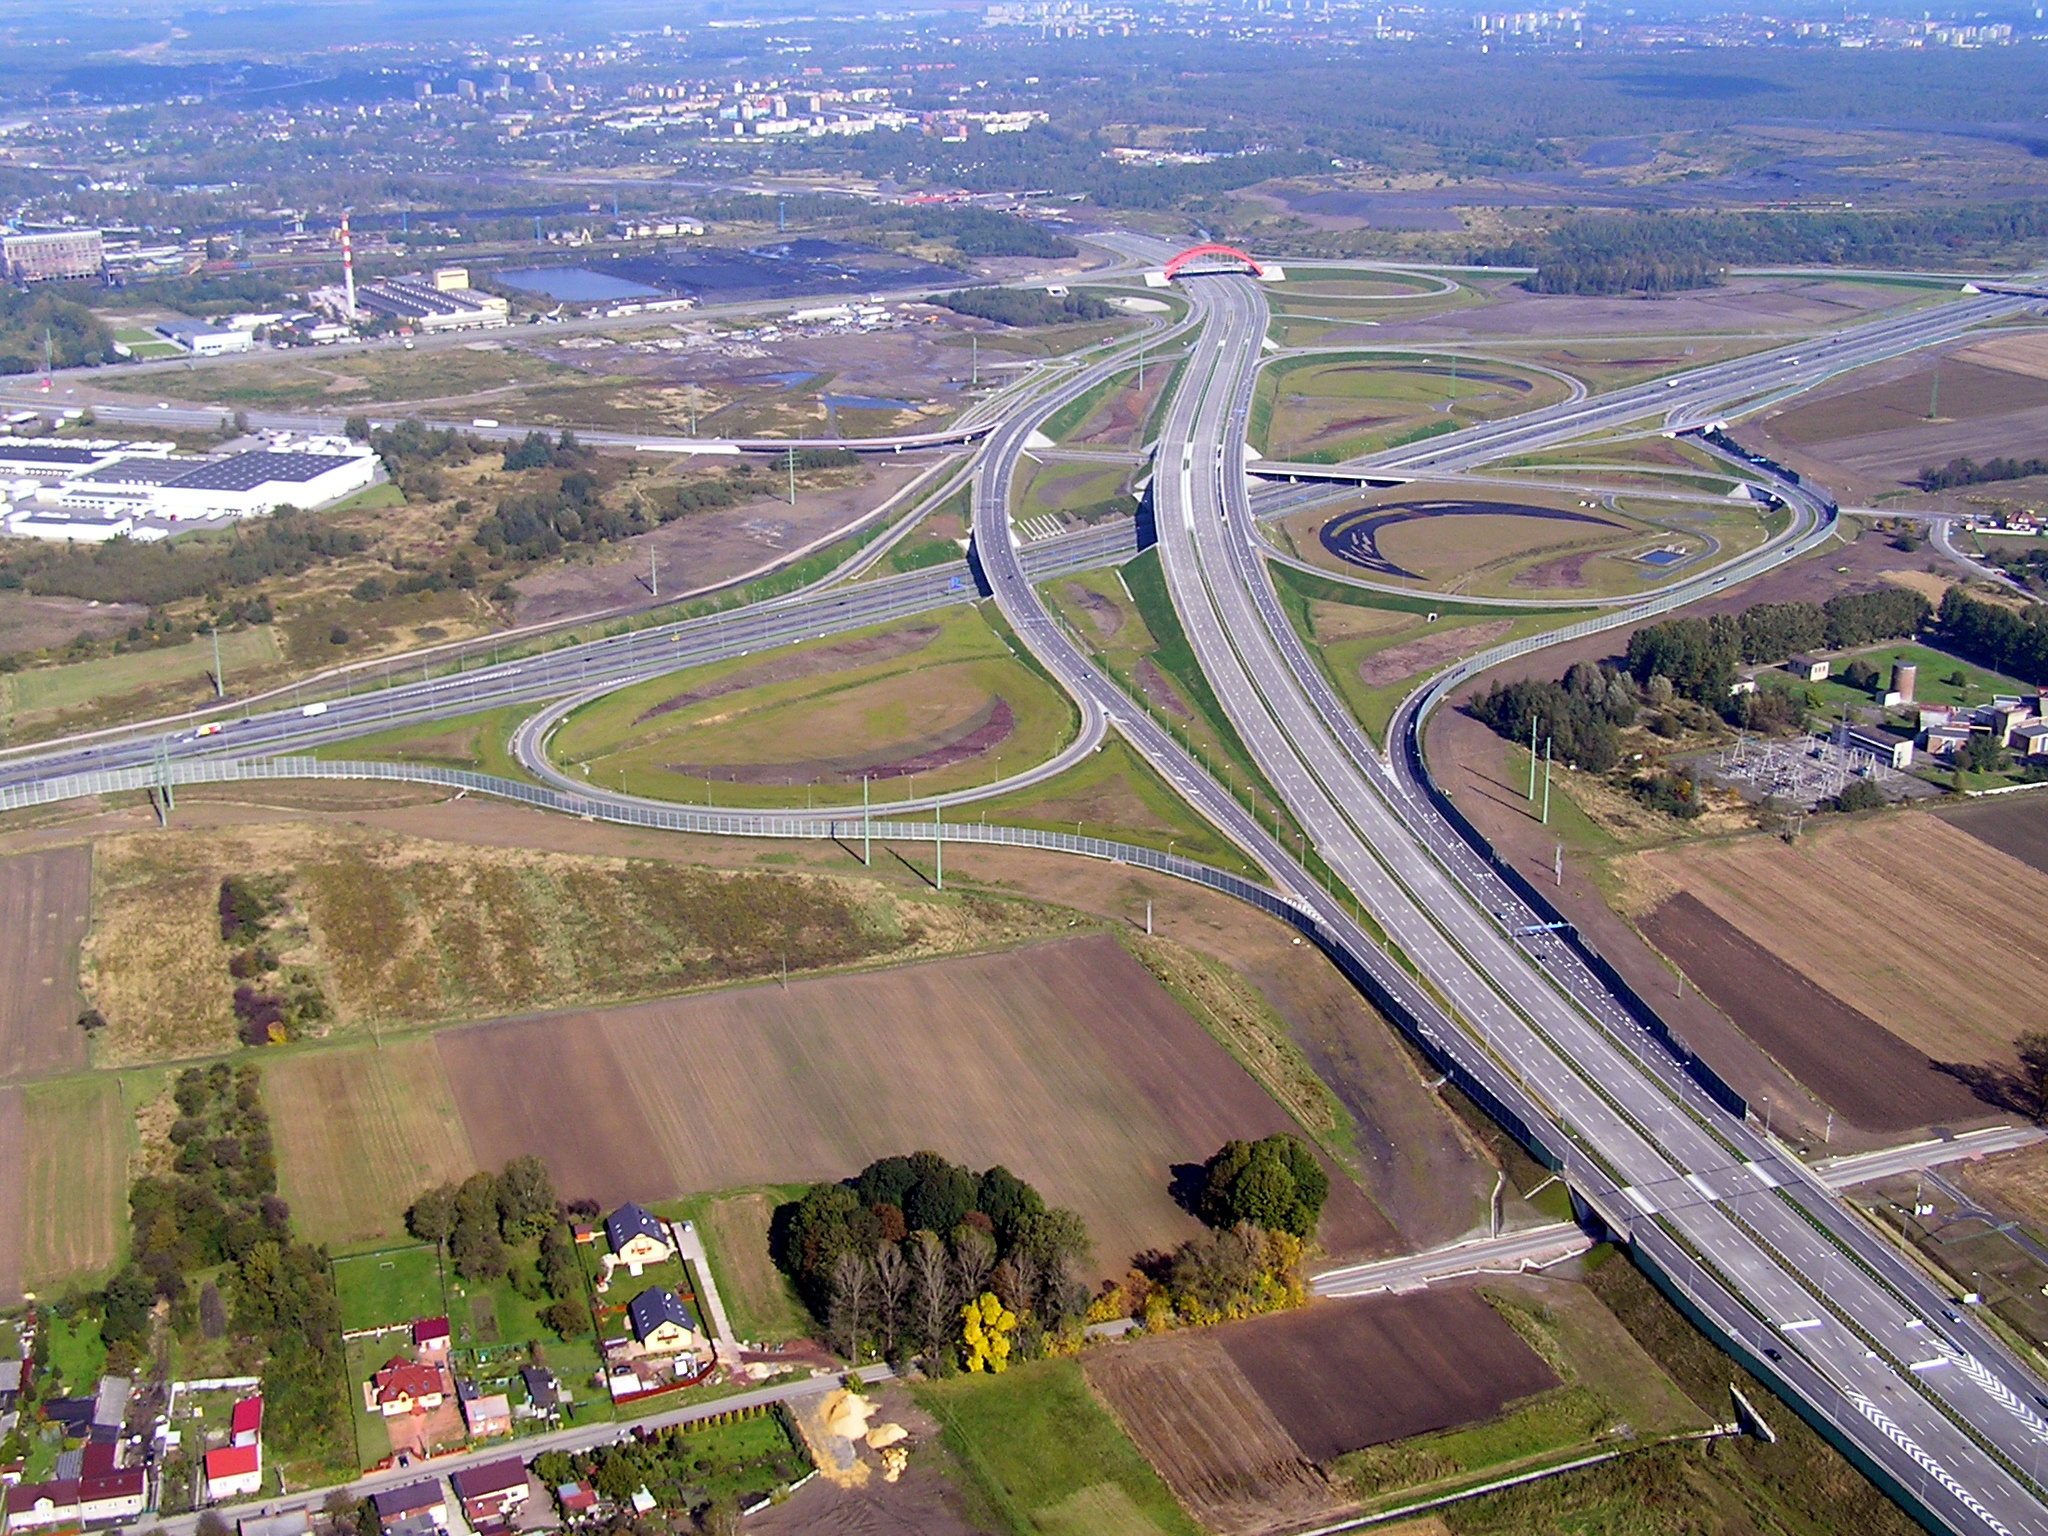 Węzeł Sośnica (fot. Mikołaj Welon vel Welones/wikimedia.org/CC BY-SA 3.0)